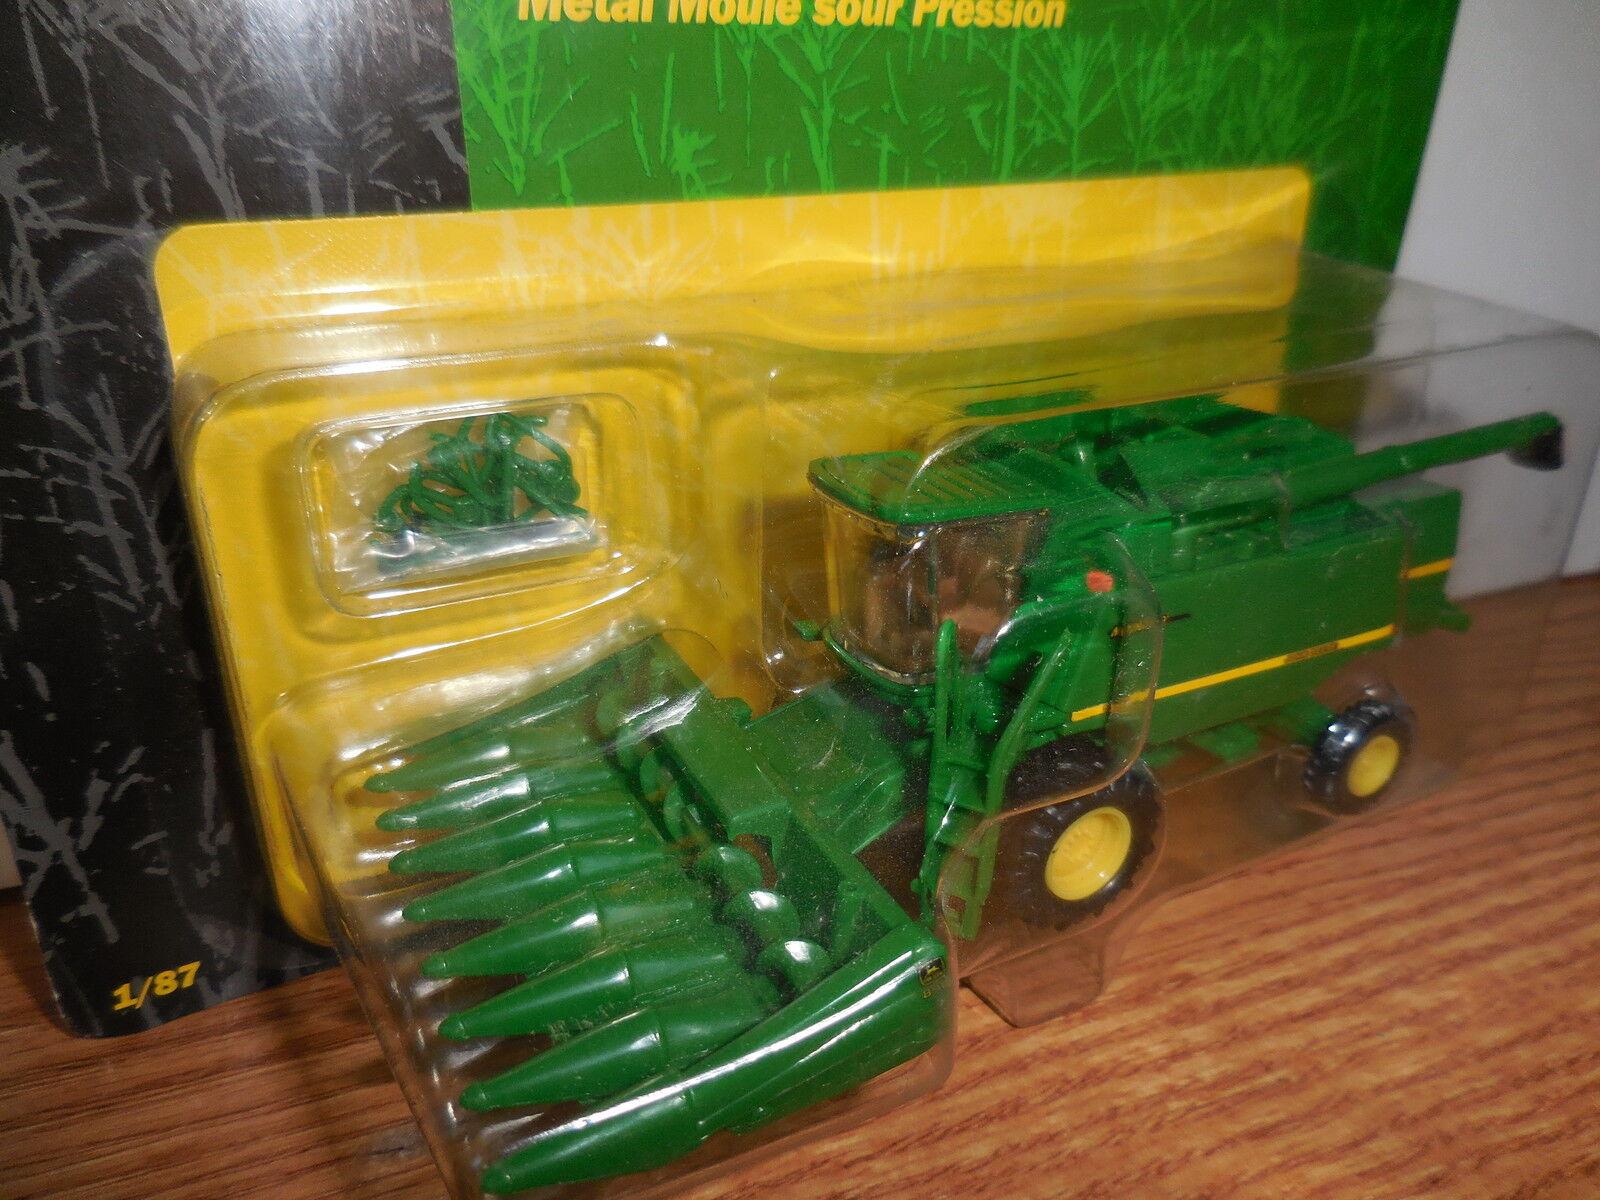 Ertl 1 87 Ho John Deere 9510 en combinación con 8 fila encabezado de maíz Juguete De Colección Nuevo en Paquete